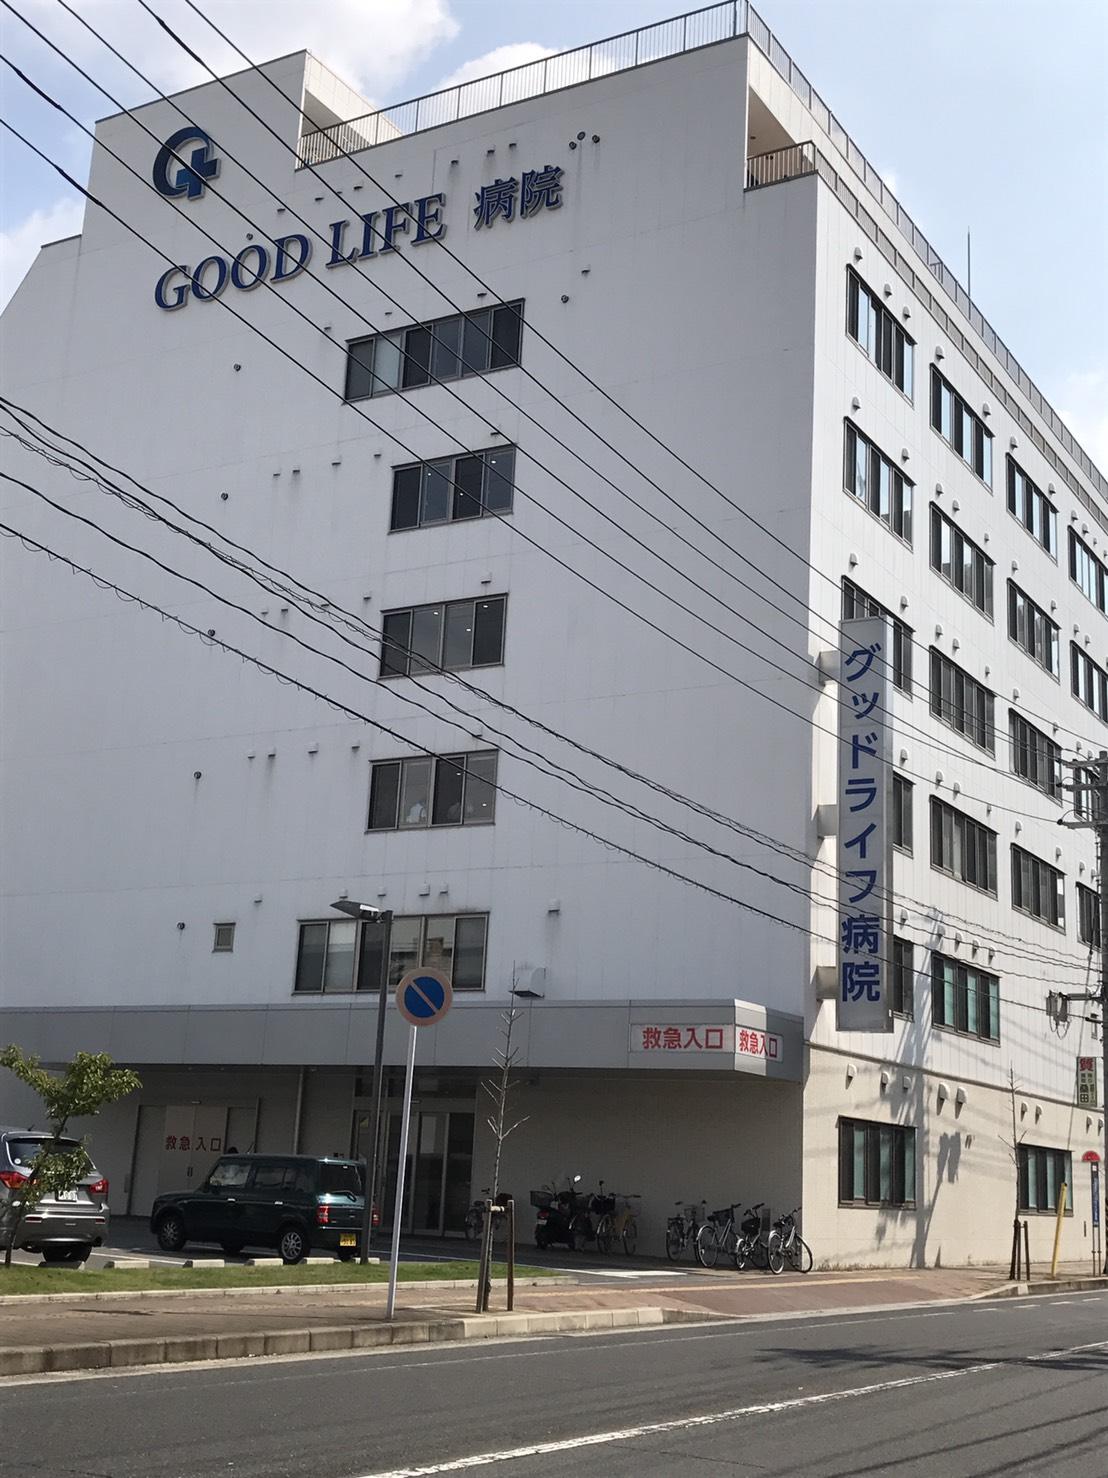 三宅会グッドライフ病院